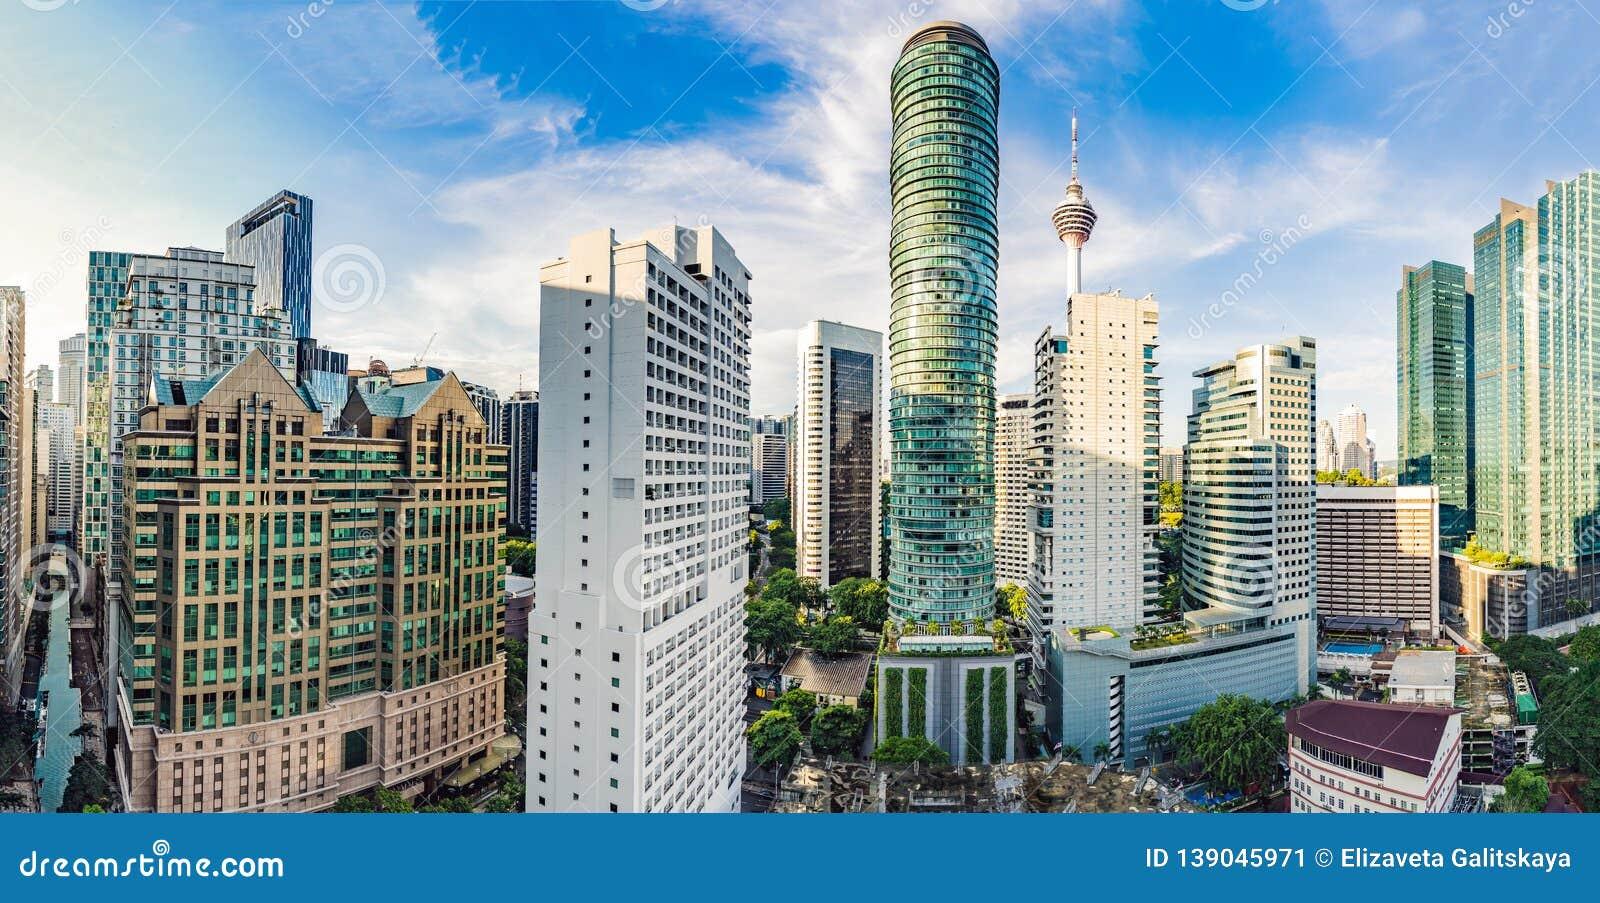 Ουρανοξύστες κεντρικός ορίζοντας πόλεων της Κουάλα Λουμπούρ, Μαλαισία